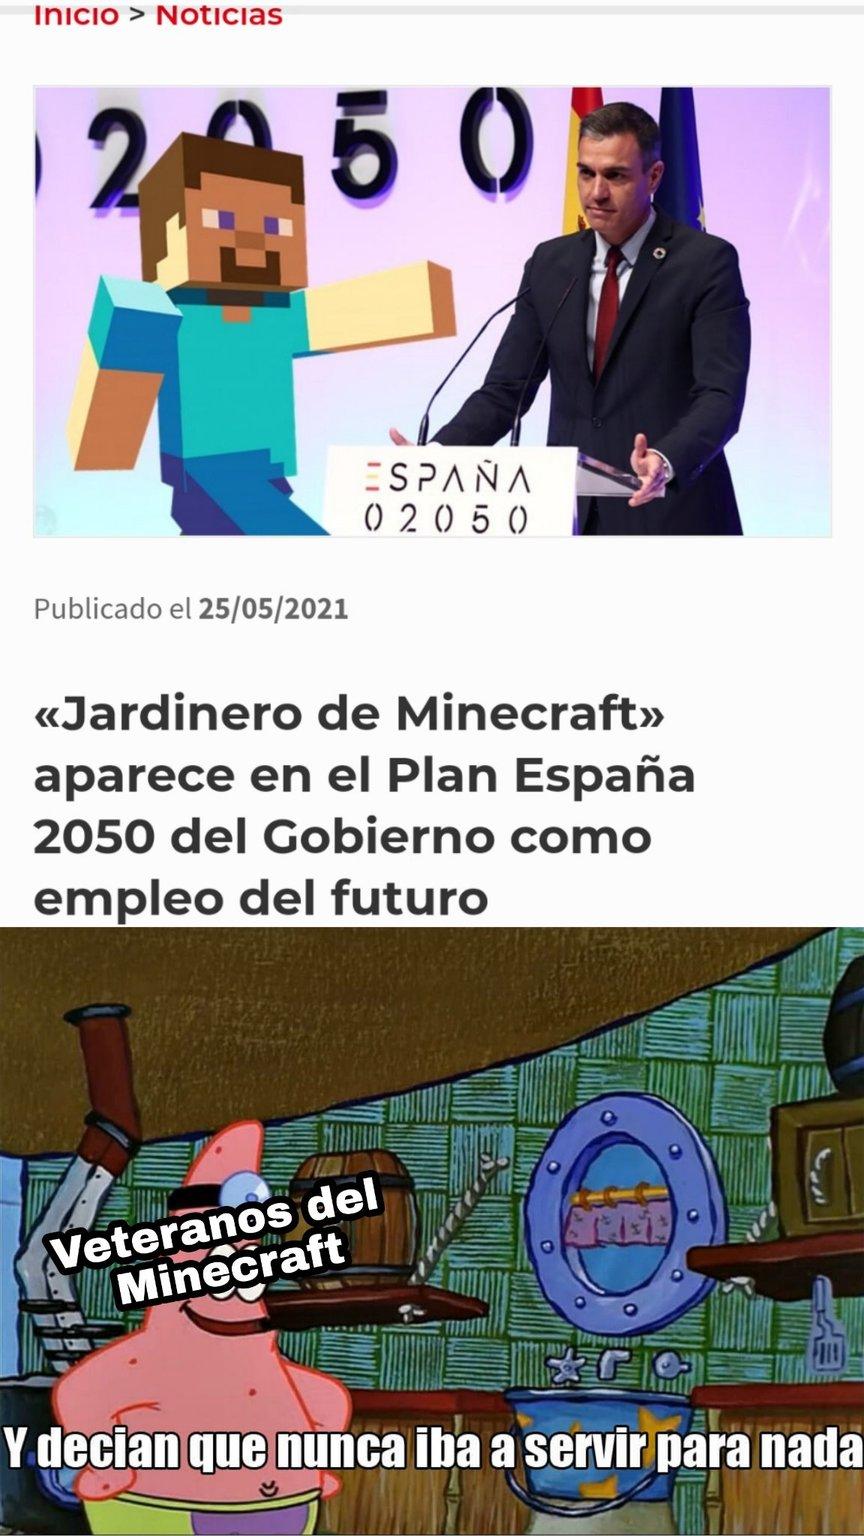 Adiós mami, me iré a España - meme